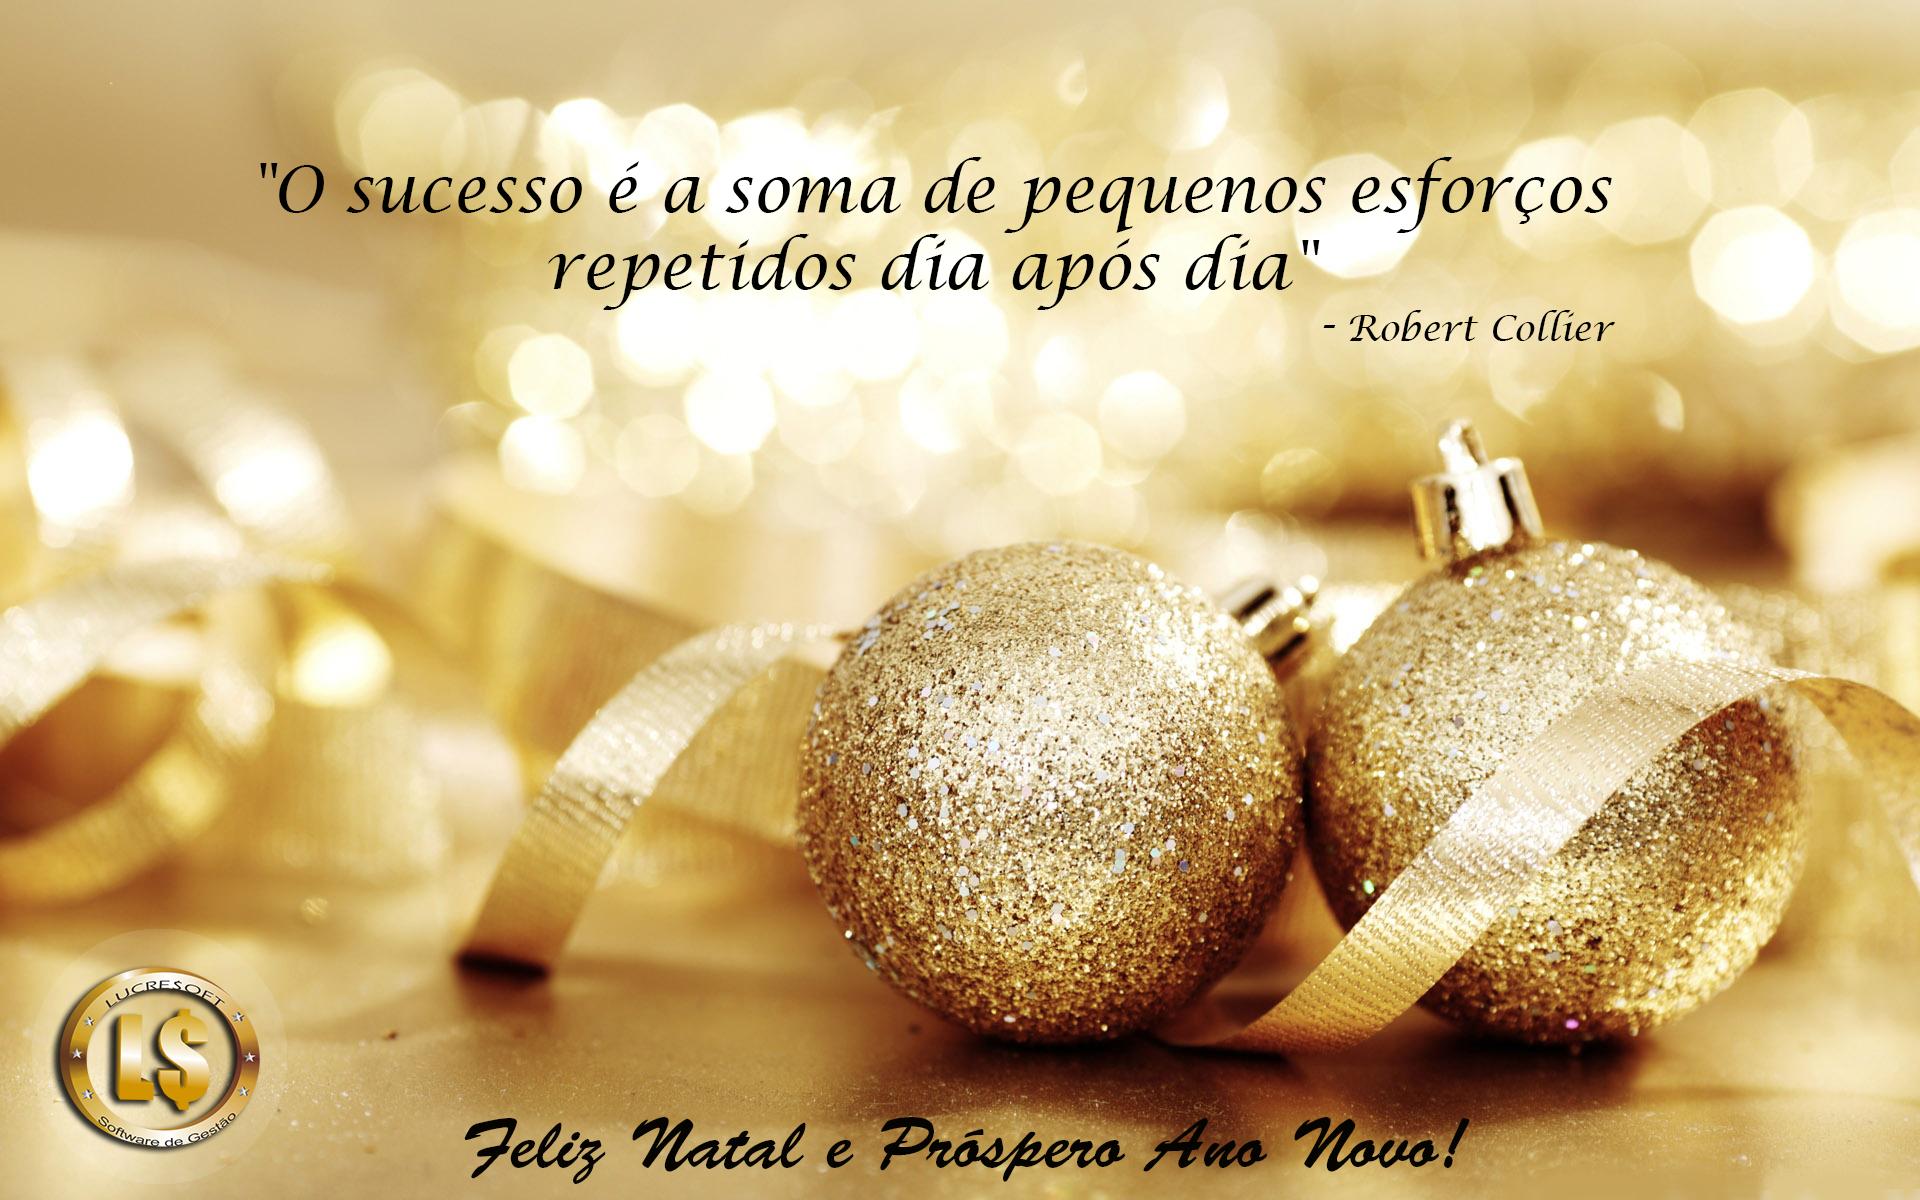 Mensagem De Feliz Ano Novo: Resultado De Imagem Para Feliz Natal E Prospero Ano Novo